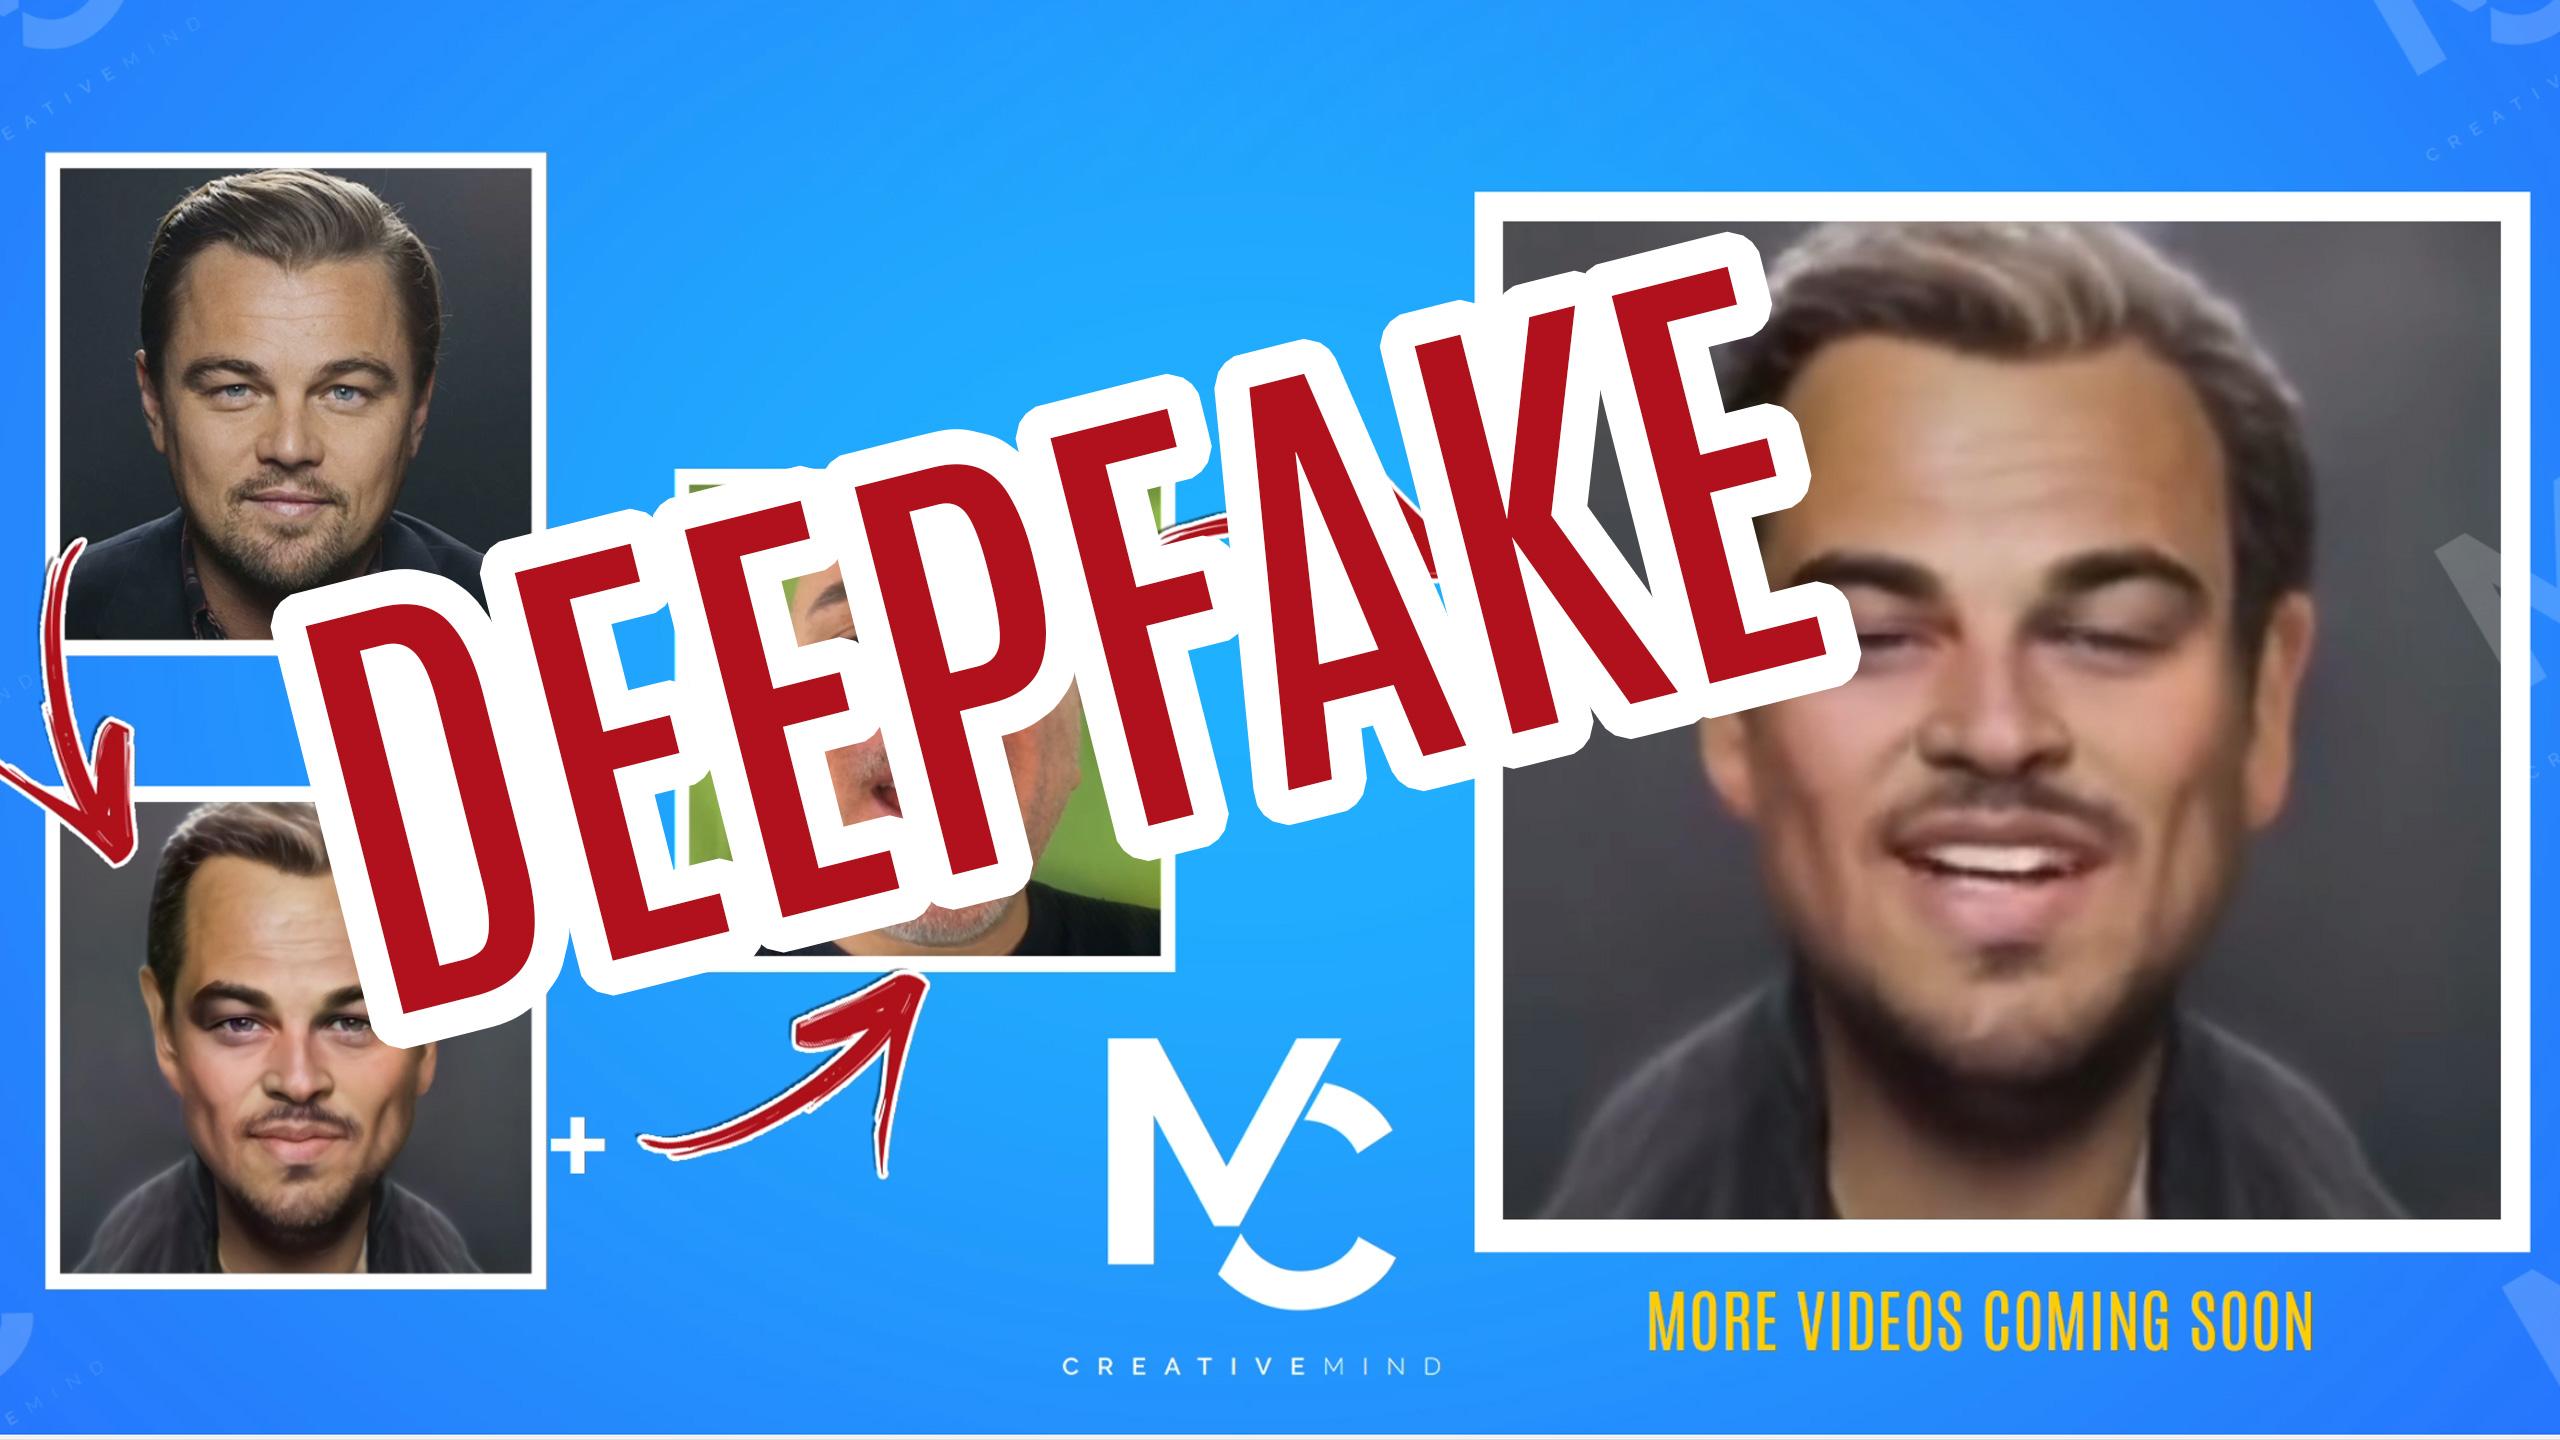 Esempio di deepfake. Dalla foto iniziale di Leonardo DiCaprio alla caricatura  e poi al video finale